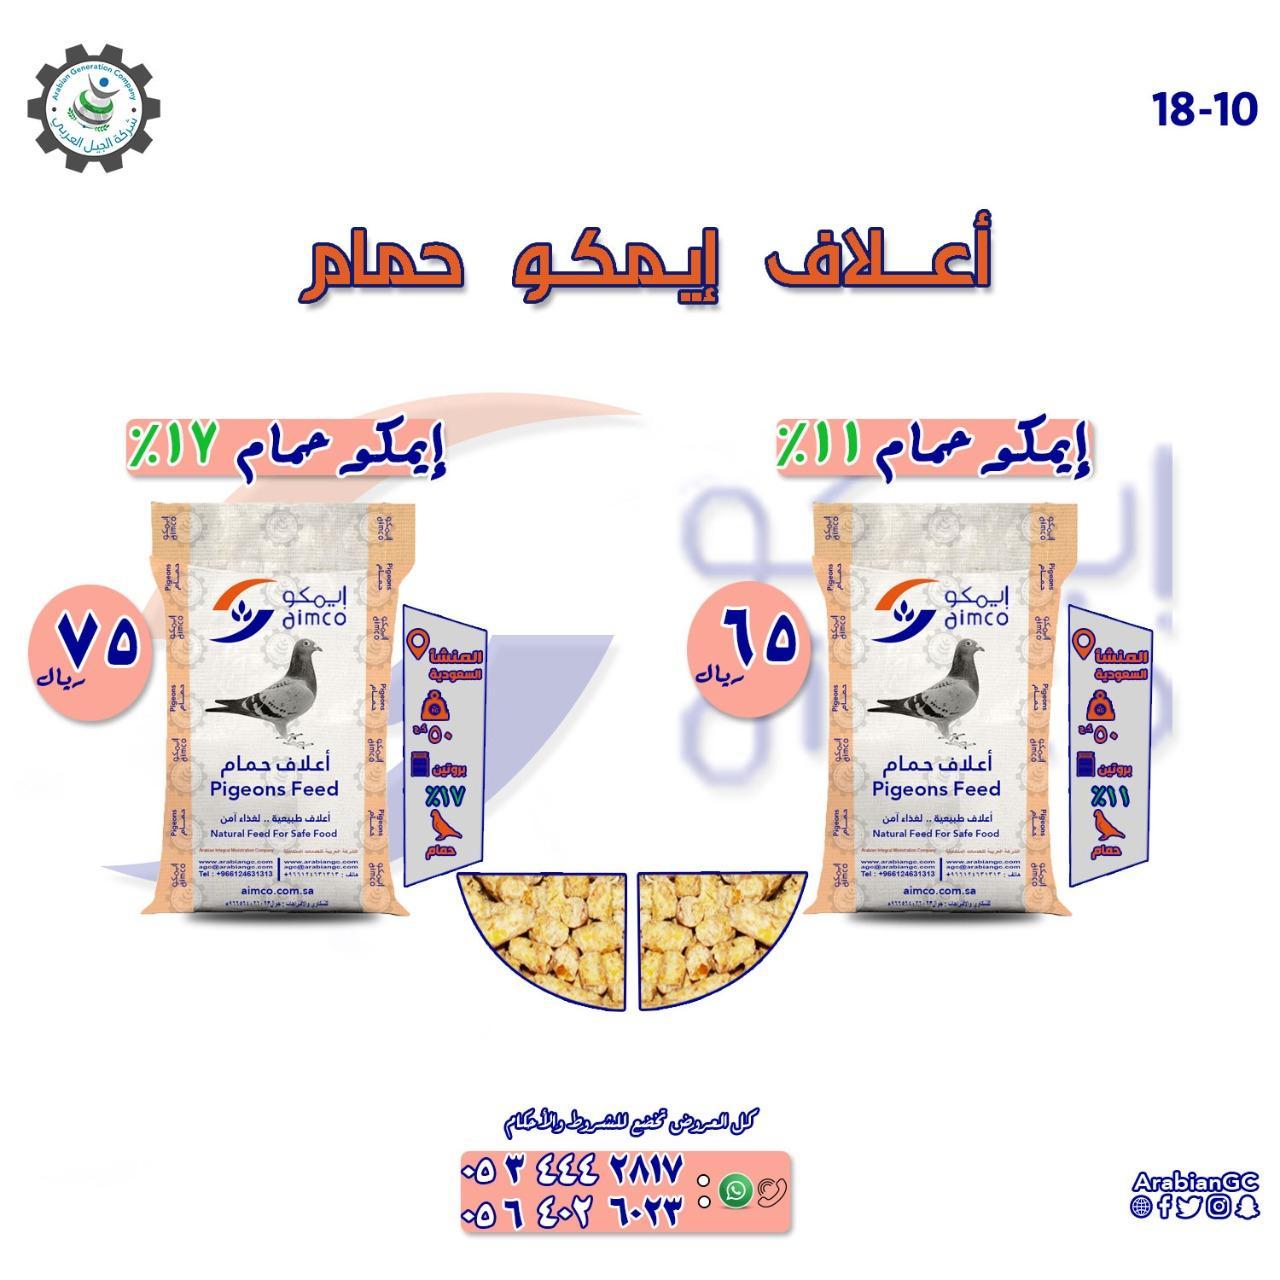 جدة للبيع أعلاف إيمكو حمام من شركة الجيل العربي للتجارة